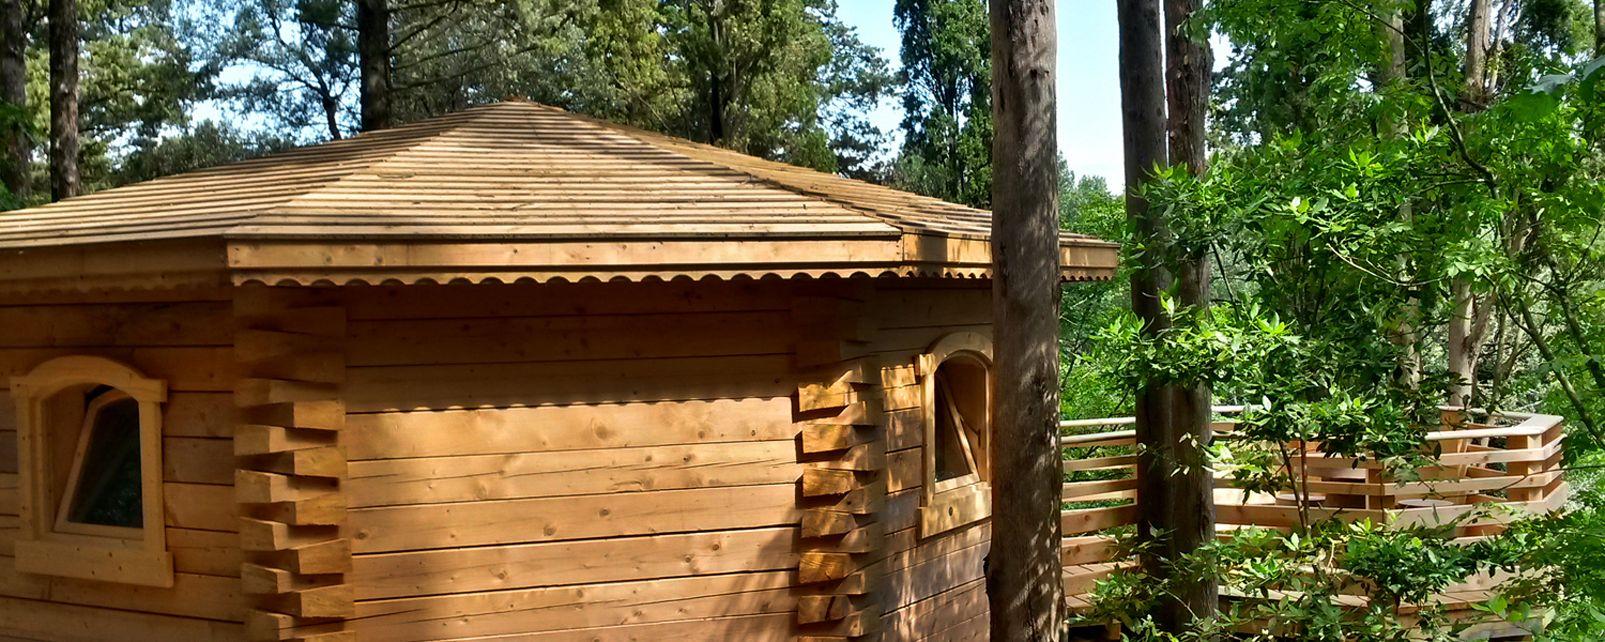 Hôtel Les Cabanes dans les Bois